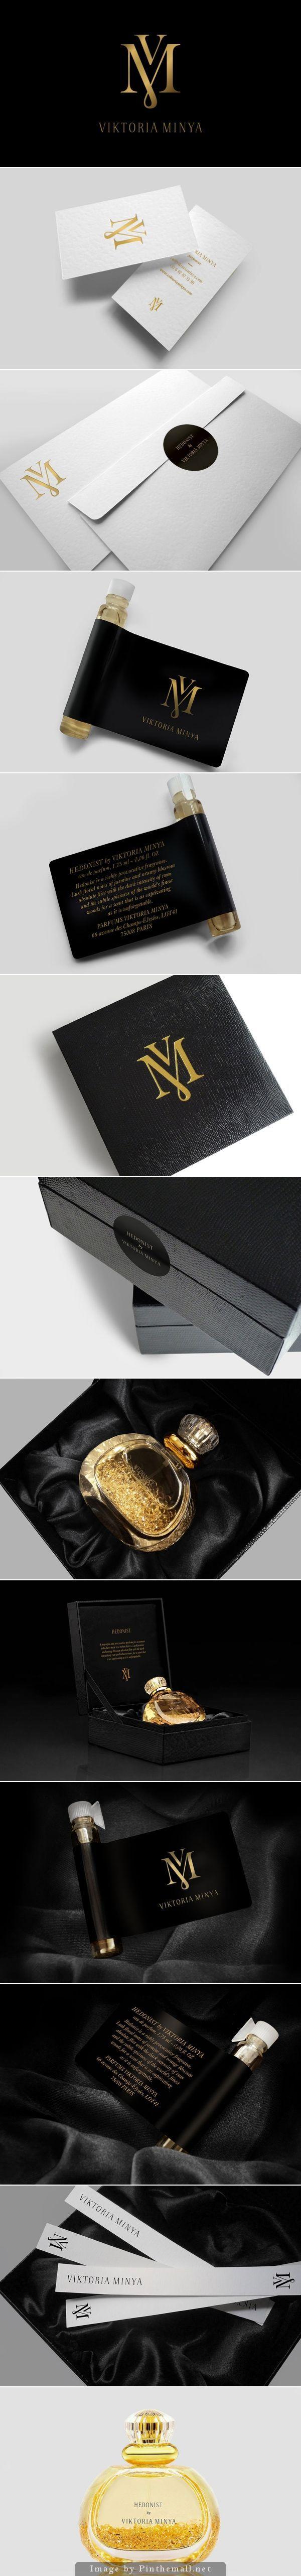 Viktoria Minya Perfume Branding